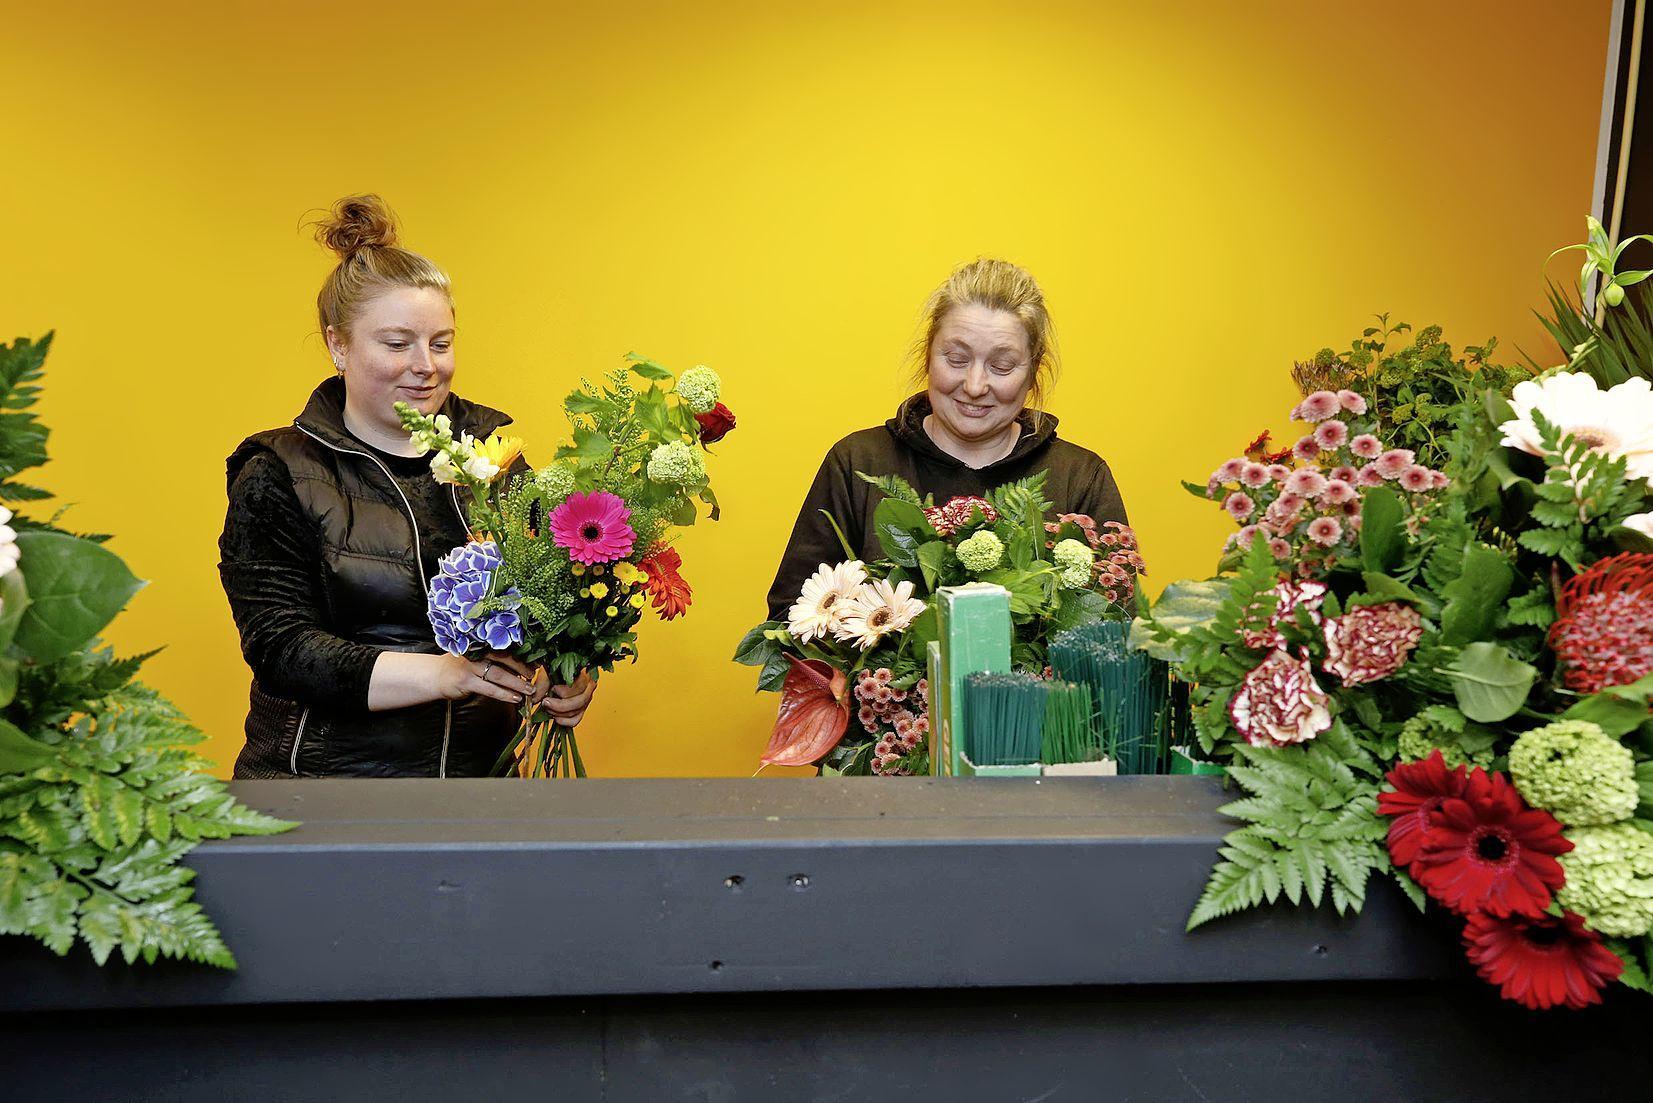 Ineens zit Ingrid Bruin met haar bloemenzaak op een andere plek in het winkelcentrum Waldervaart. Toch is ze blij. 'Het valt me eigenlijk erg mee'